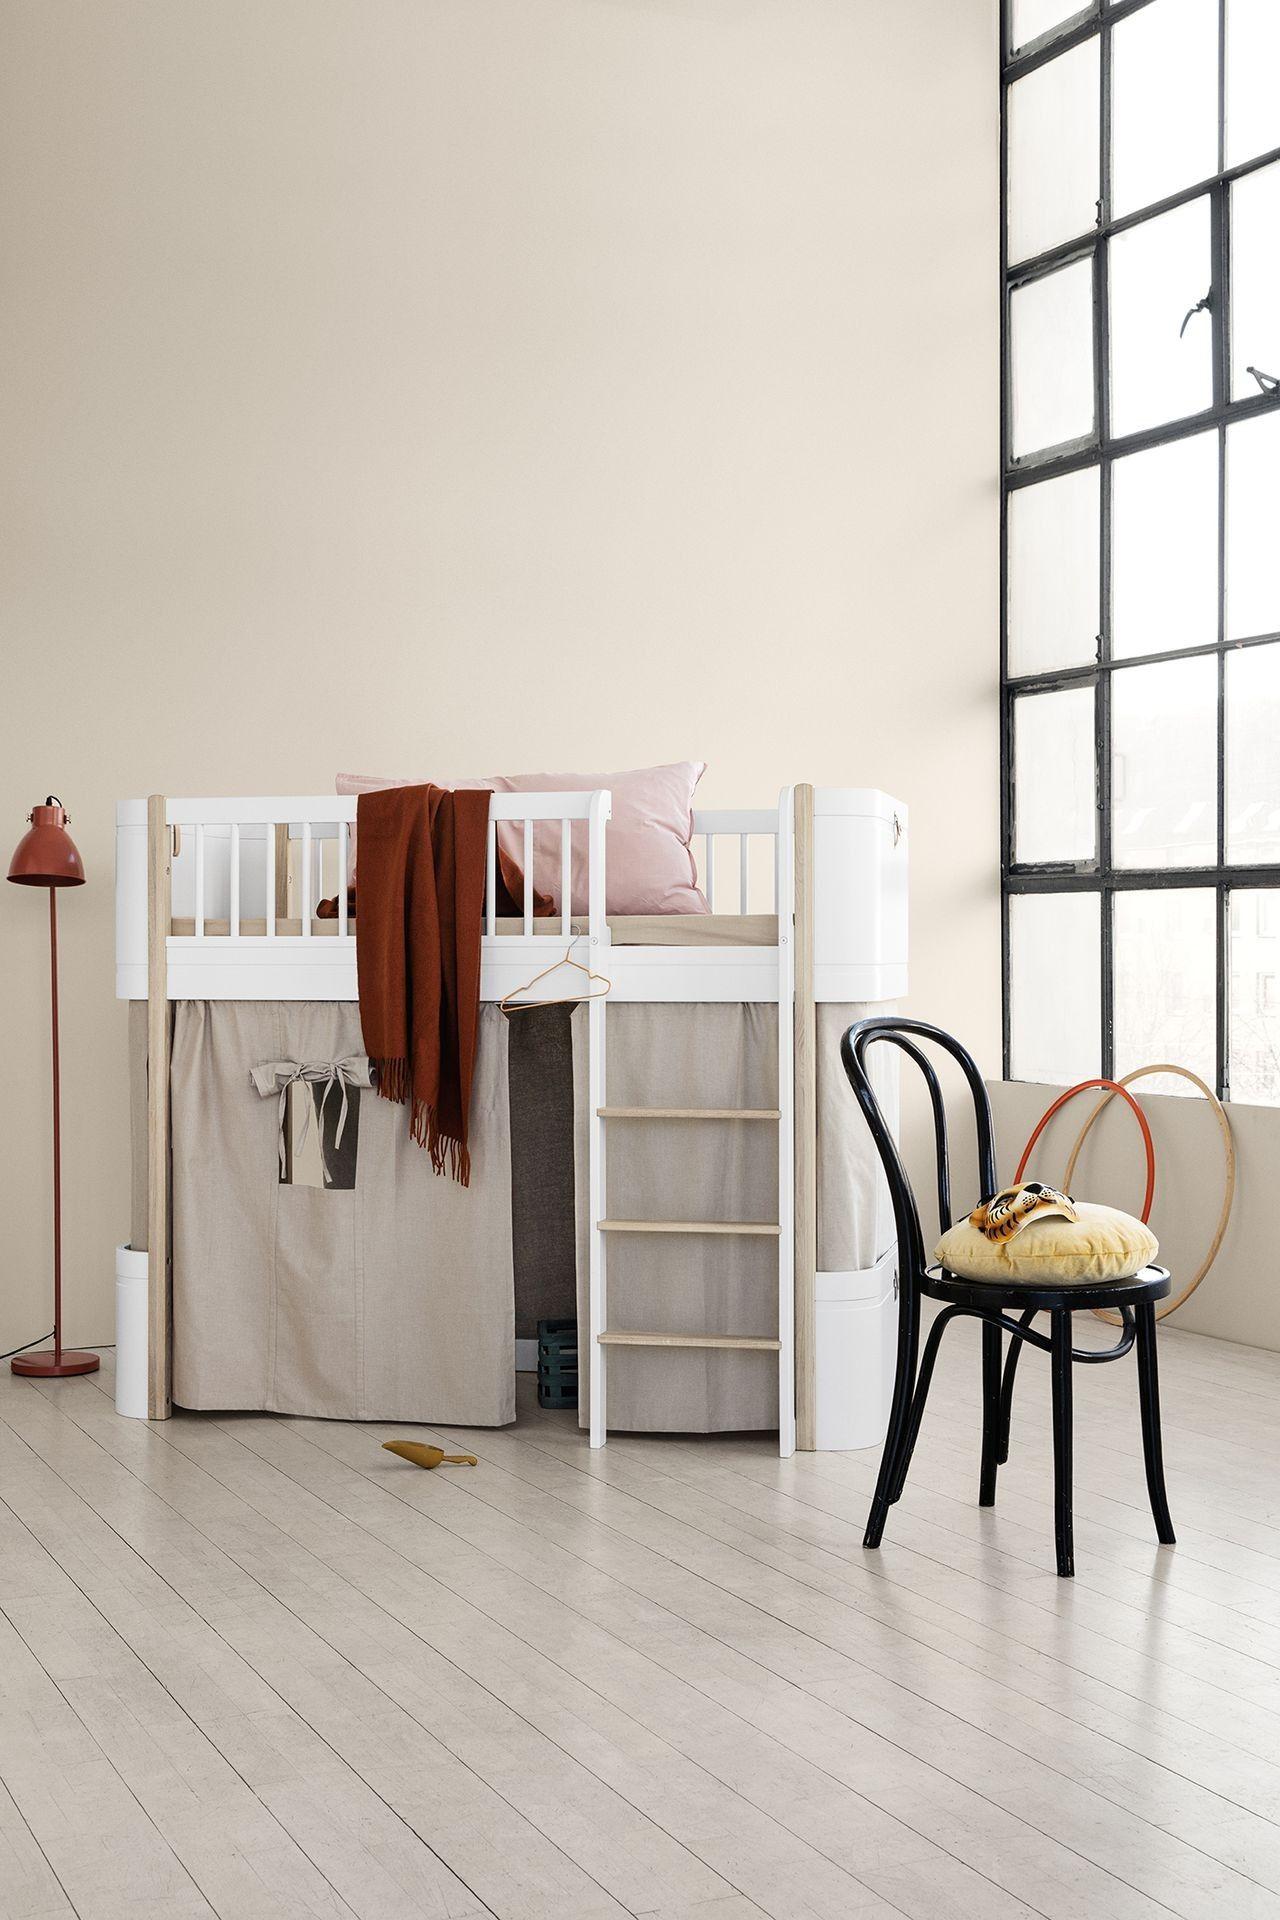 Full Size of Halbhohes Hochbett Oliver Furniture Wood Mini Wei Eiche Bett Wohnzimmer Halbhohes Hochbett